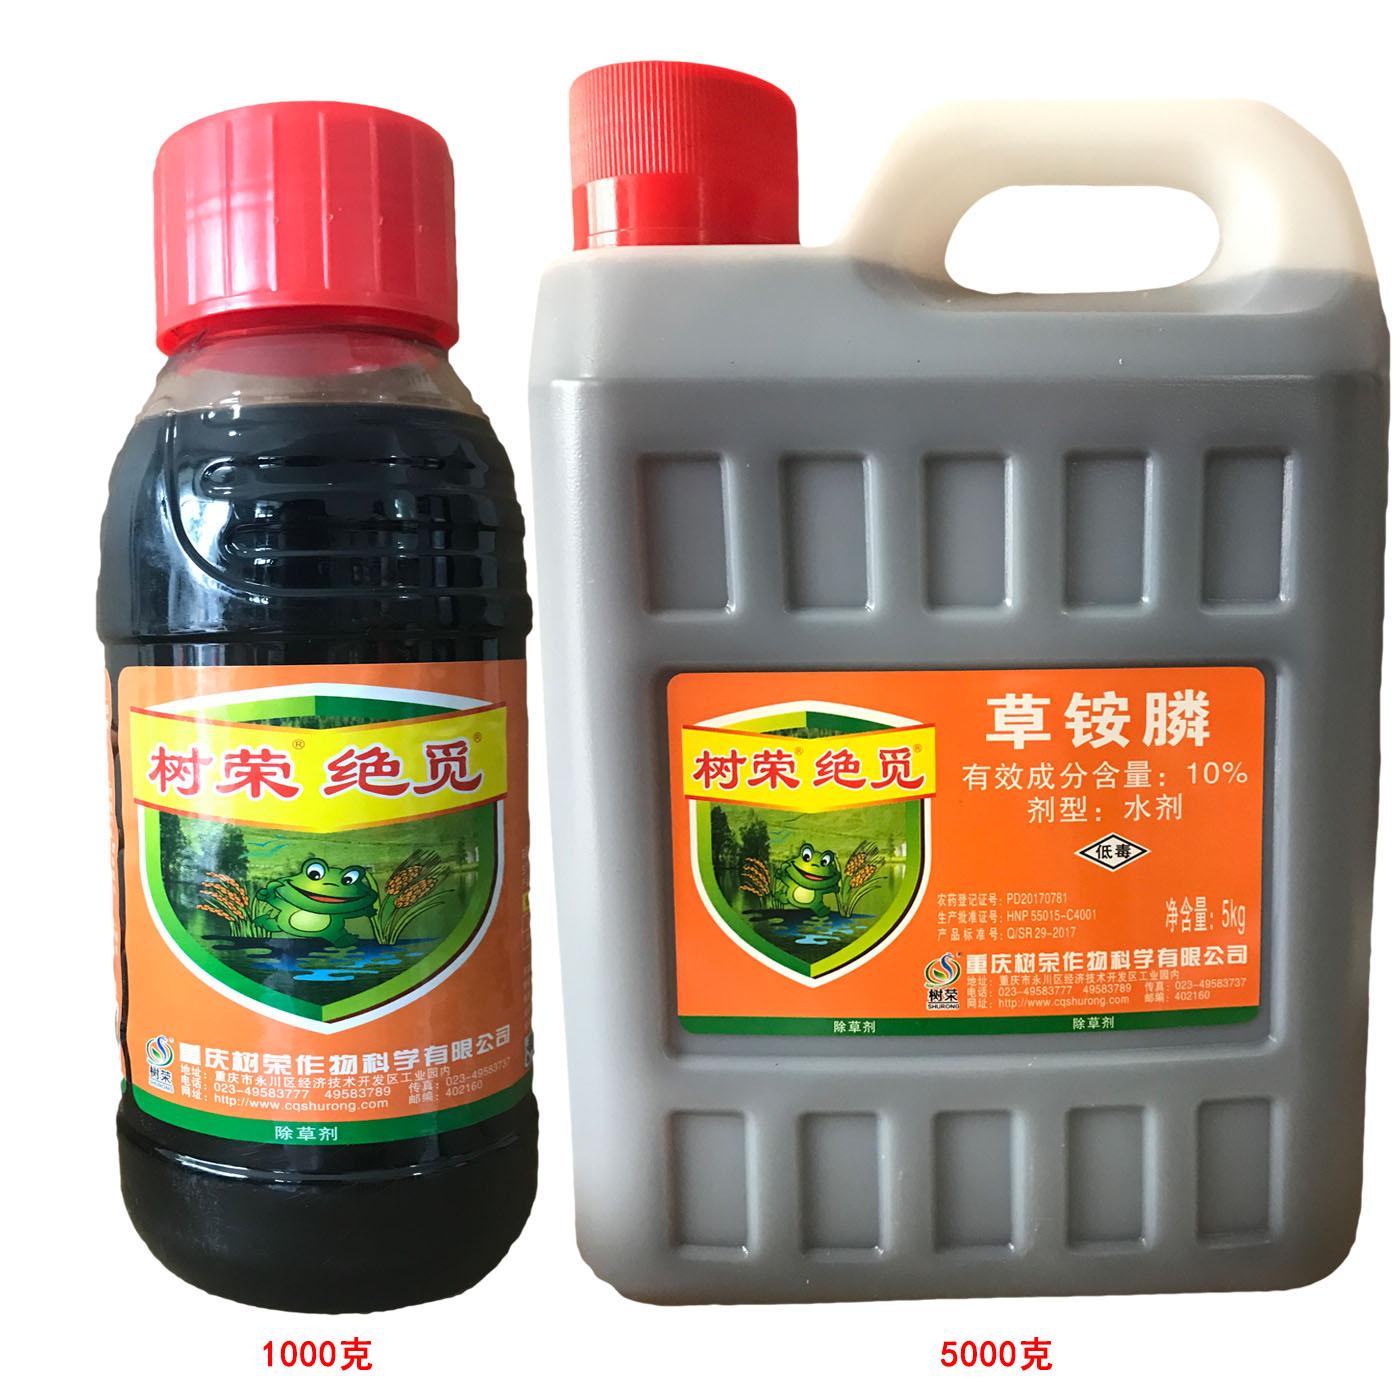 10%草铵膦草铵磷草胺磷  绝觅 果园牛筋草小飞蓬除草剂1000克